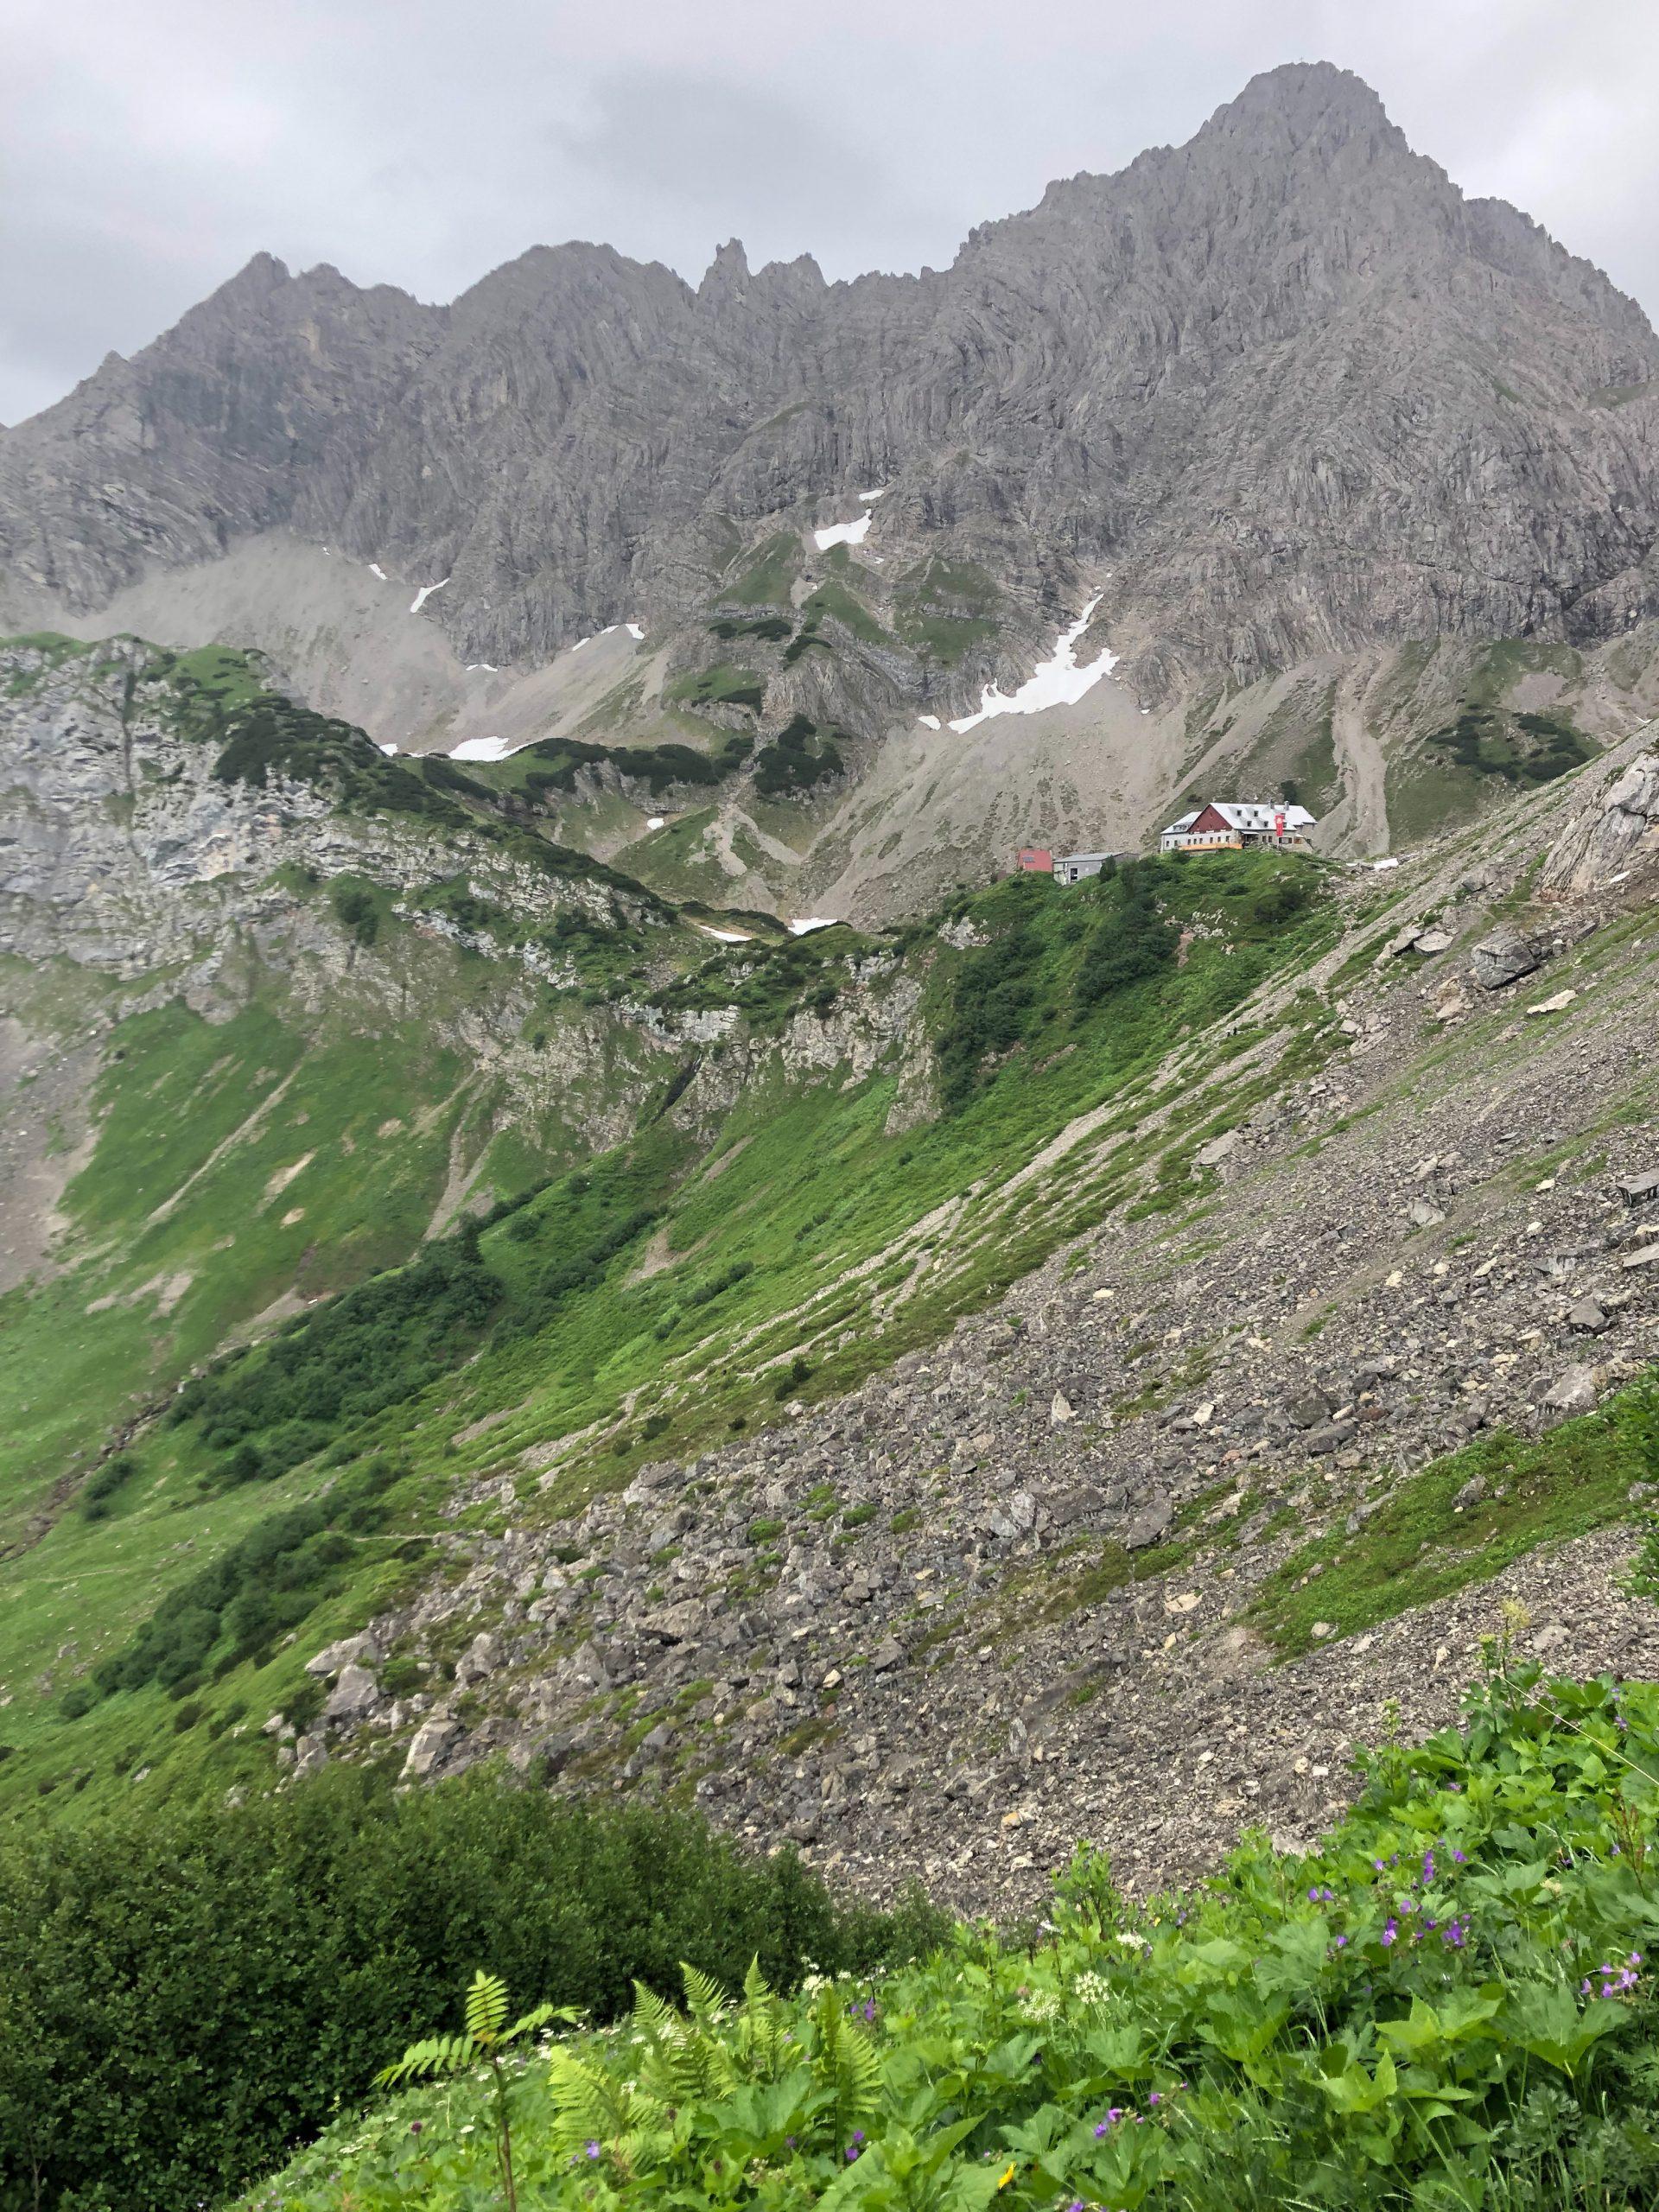 Le refuge Prinz Luitpold dans les Alpes d'Allgäu en Bavière